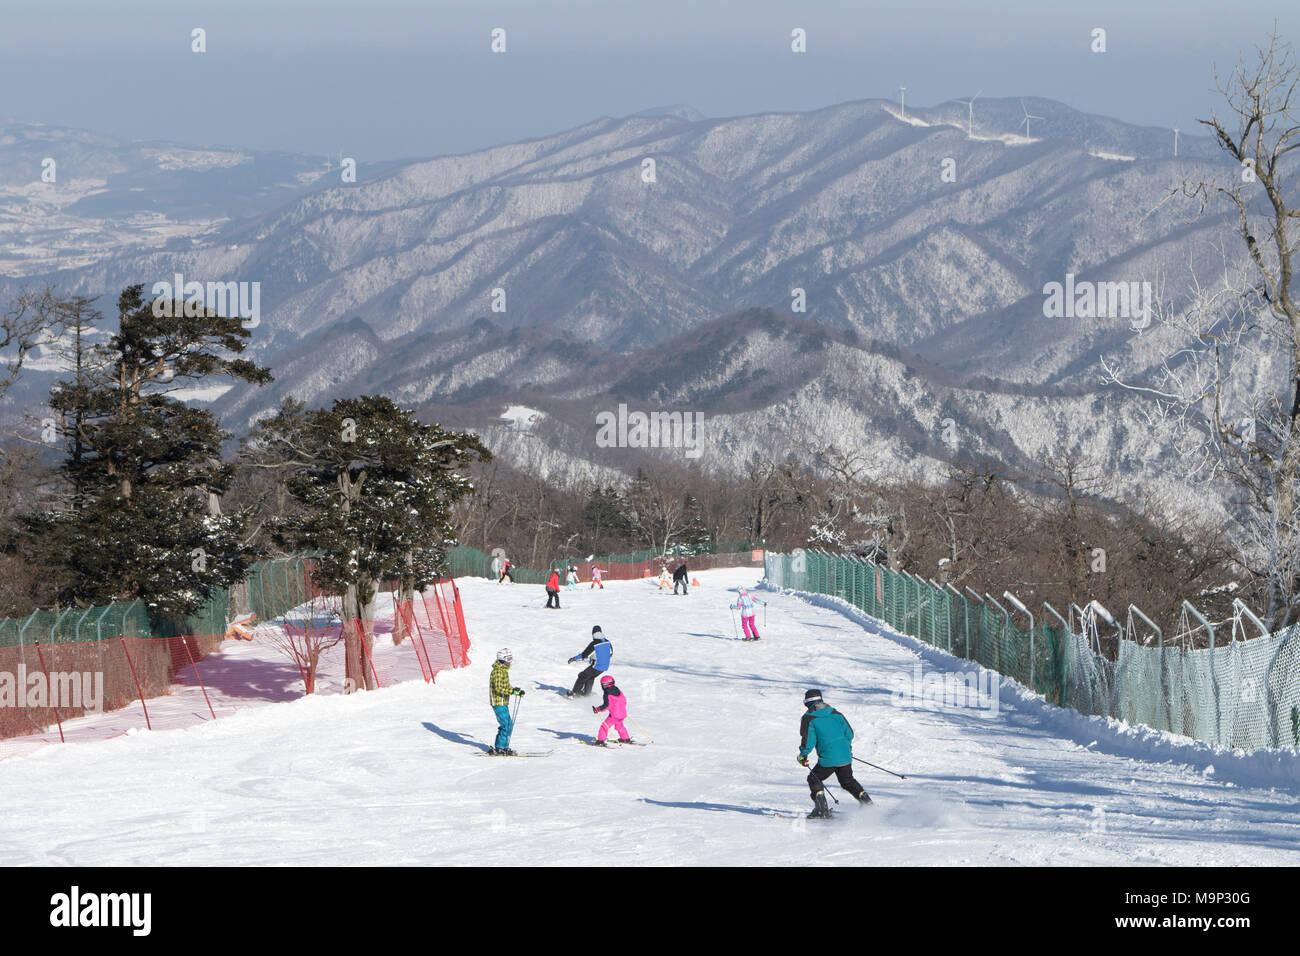 Ein Blick auf die Rainbow Paradies in Yongpyong Resort, der die Olympischen Abstieg für die 2018 Winter Games. Das Yongpyong-resort (Dragon Valley) Ski Resort ist ein Skigebiet in Südkorea, in Daegwallyeong-myeon, Pyeongchang, Gangwon-do. Es ist die größte Ski- und Snowboard Resorts in Korea. Das Yongpyong-resort bewirten die technischen Ski alpin Veranstaltungen für die olympischen Winterspiele und Paralympics 2018 in Pyeongchang. Einige Szenen der 2002 Korean Broadcasting System drama Winter Sonata wurden im Resort gedreht. Stockbild